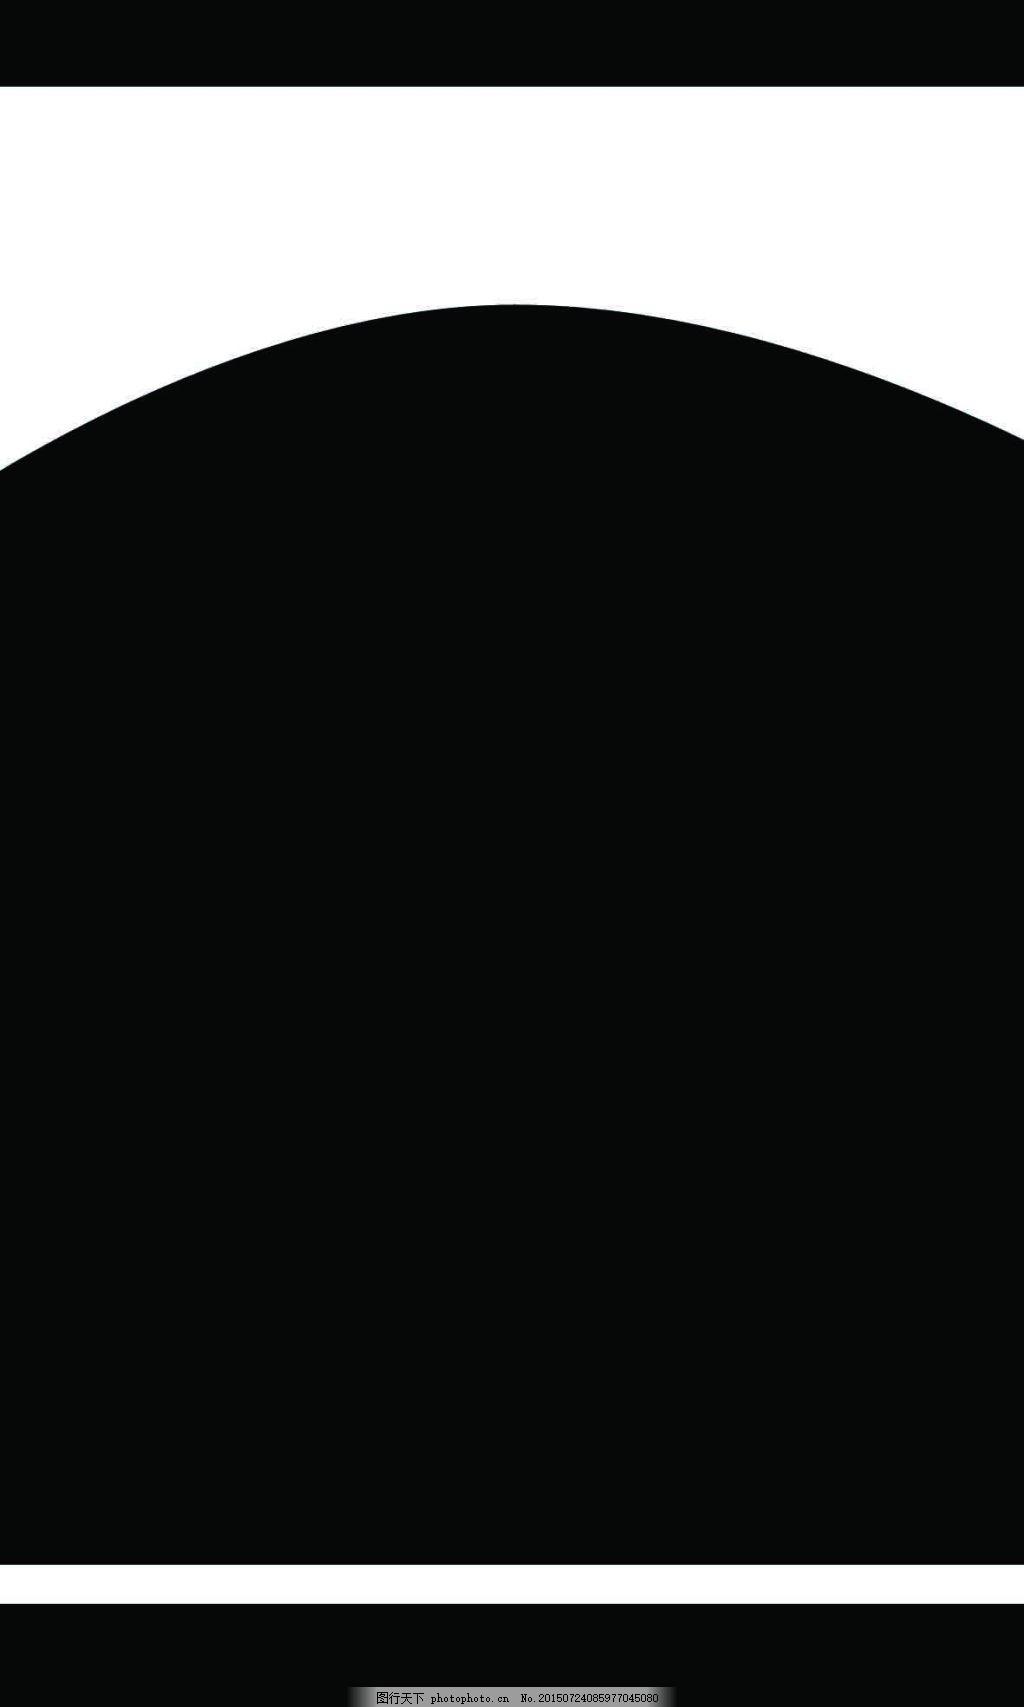 黑白 背景 海报 黑色